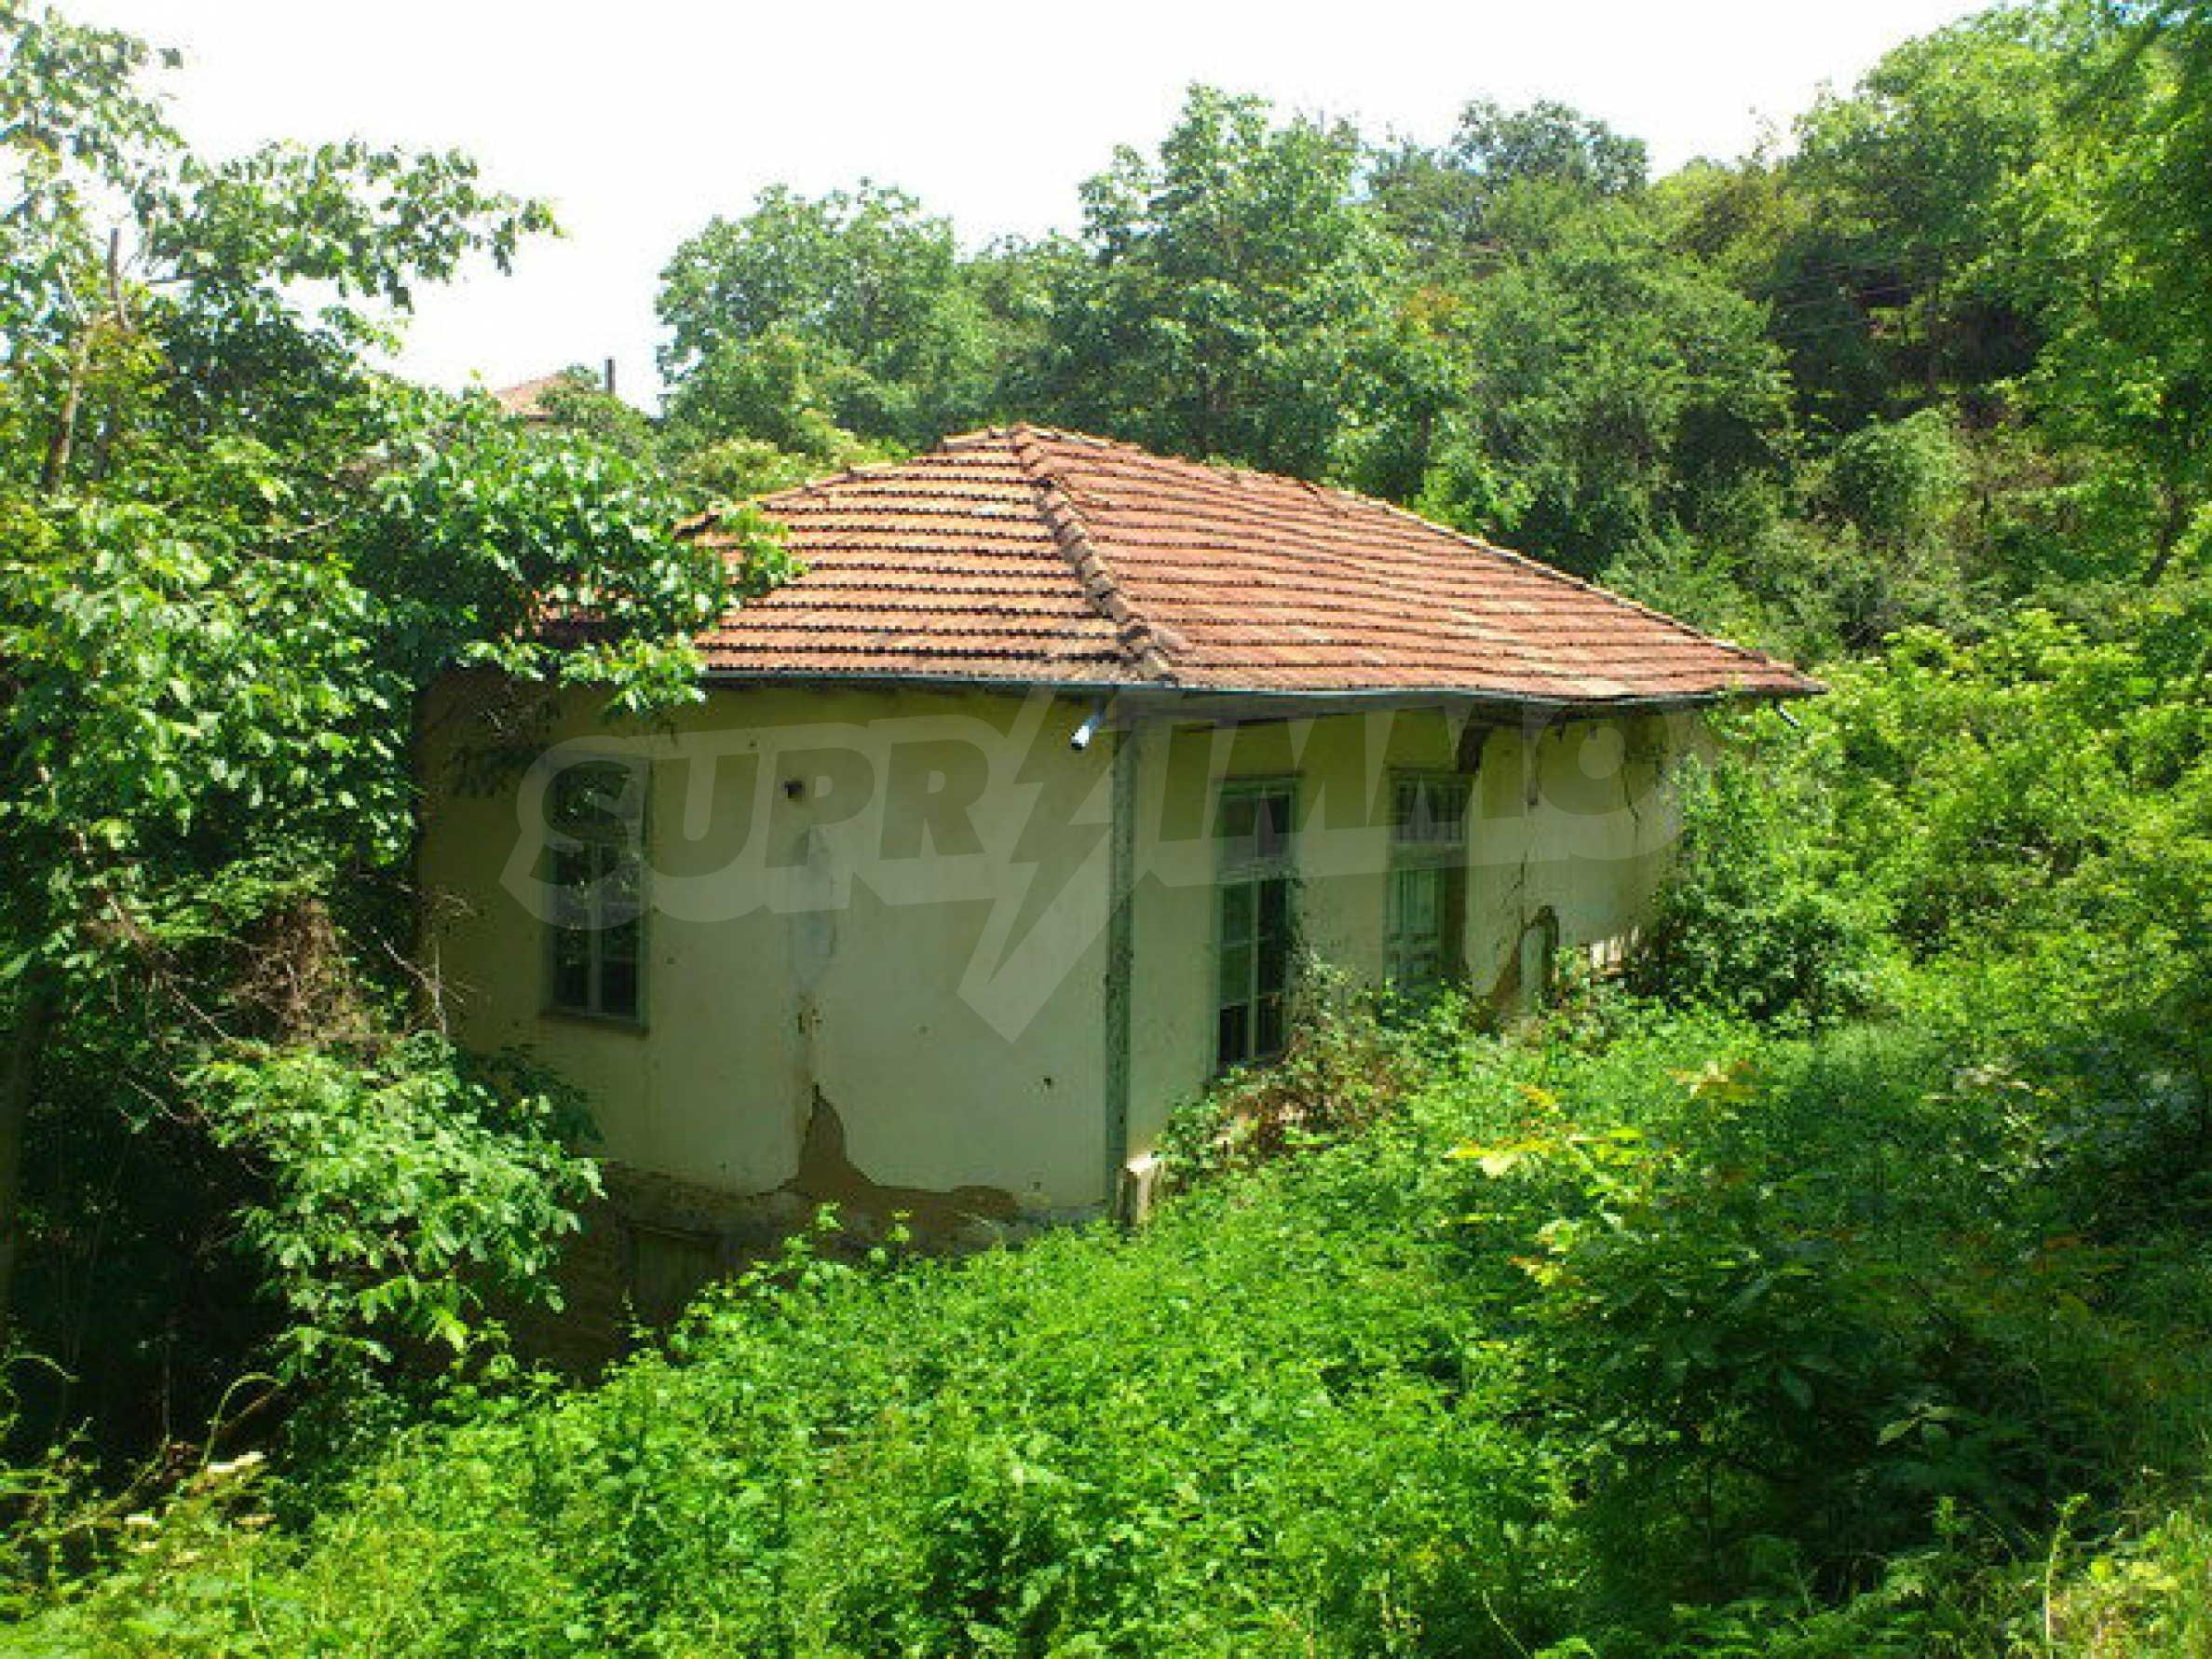 Бывшее здание школы в маленькой деревне в непосредственной близости от прекрасного города Дряново